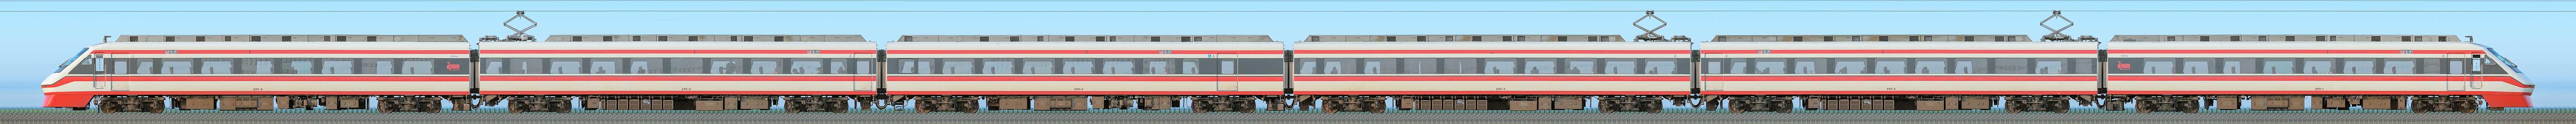 東武200型「りょうもう」205編成(山側)の編成サイドビュー